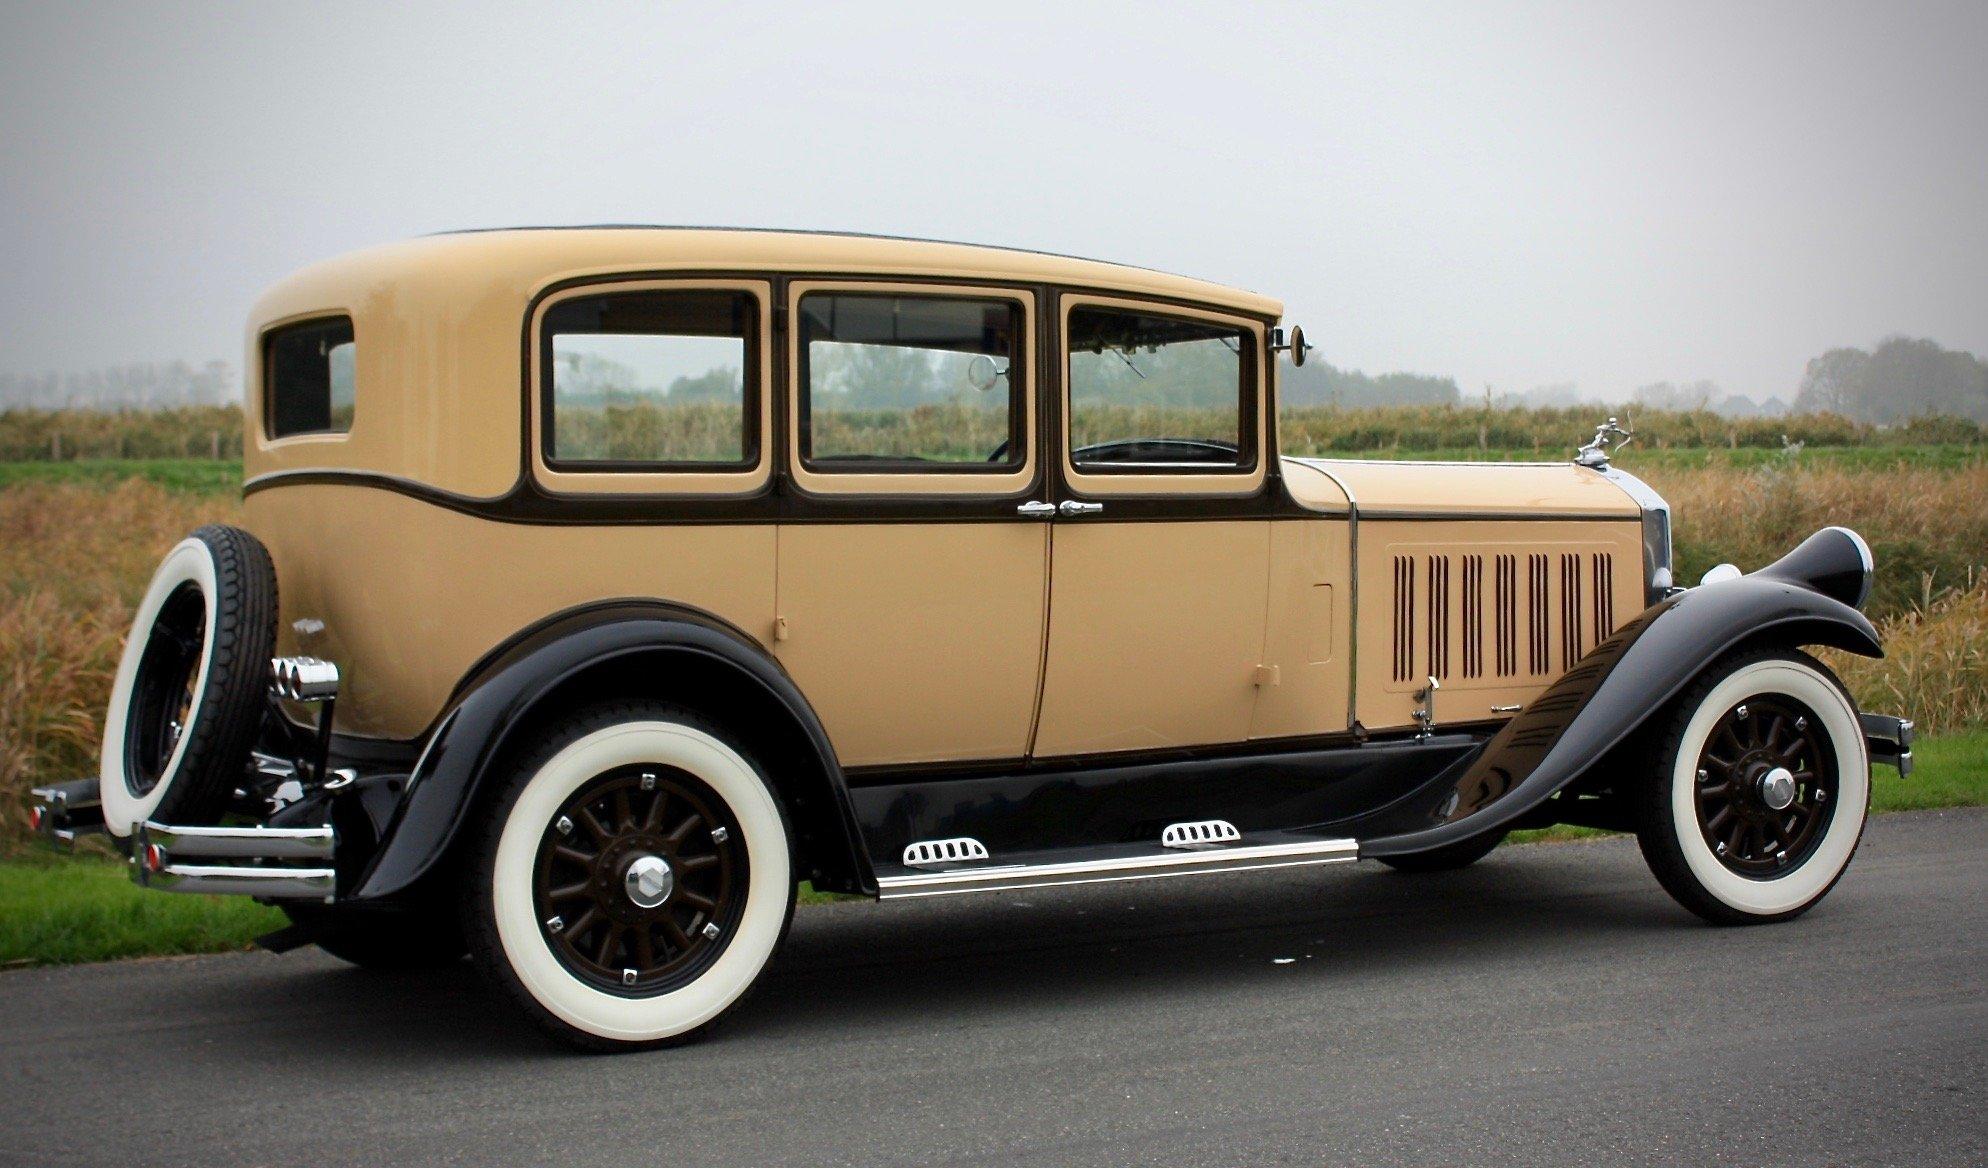 Pierce Arrow Model 125 4 Door Sedan 1929 For Sale (picture 2 of 6)